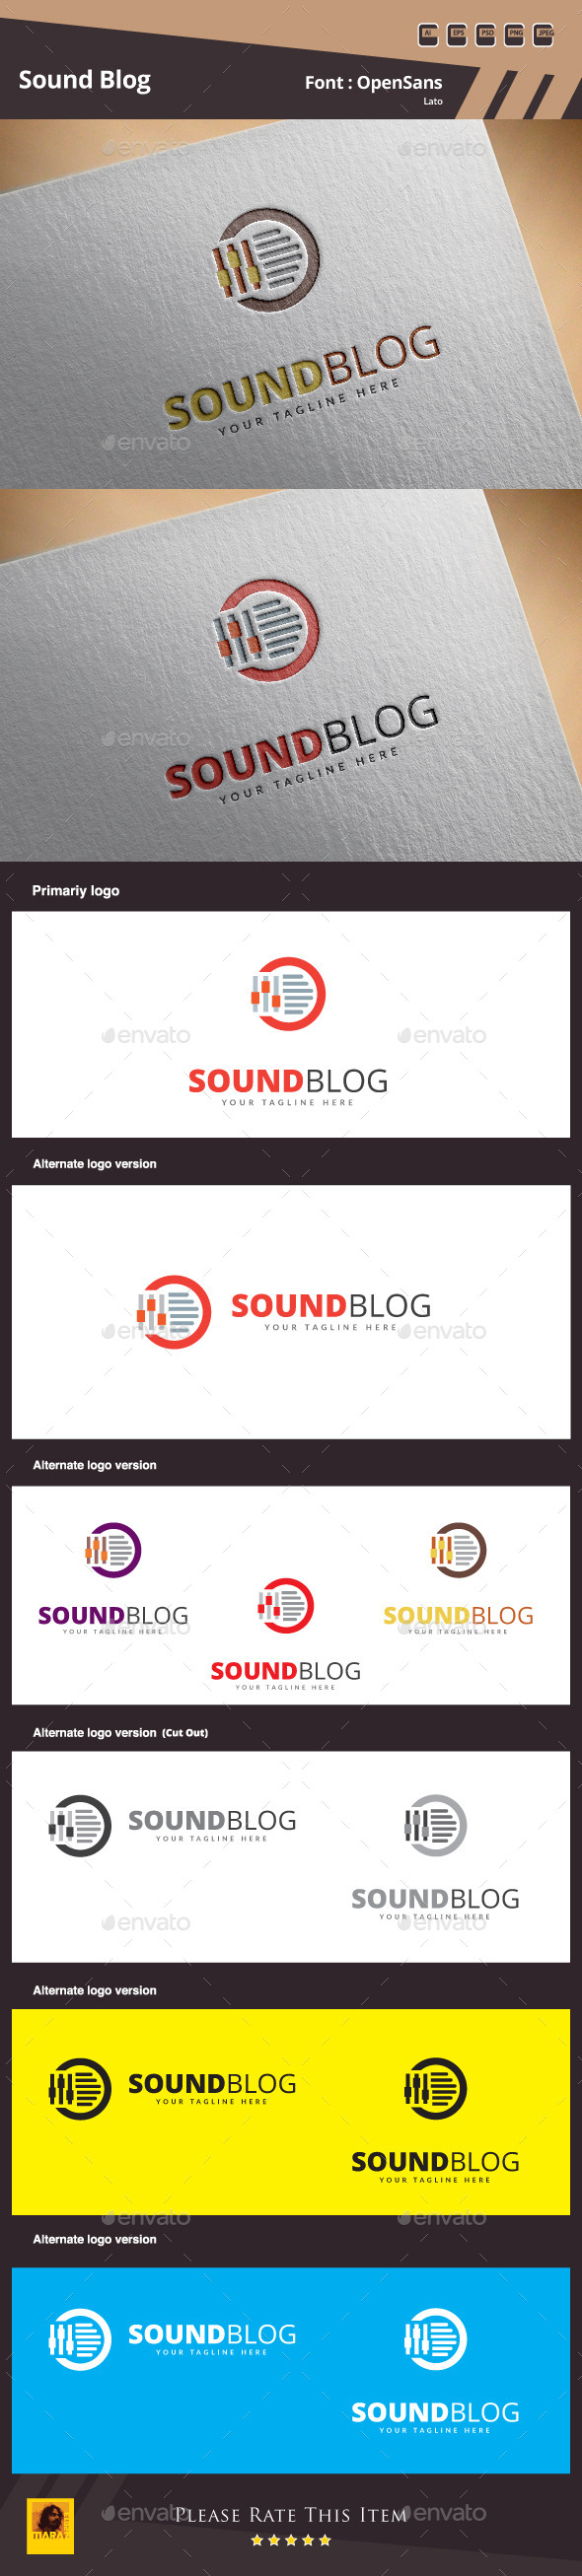 GraphicRiver Sound Blog Logo Template 10343125